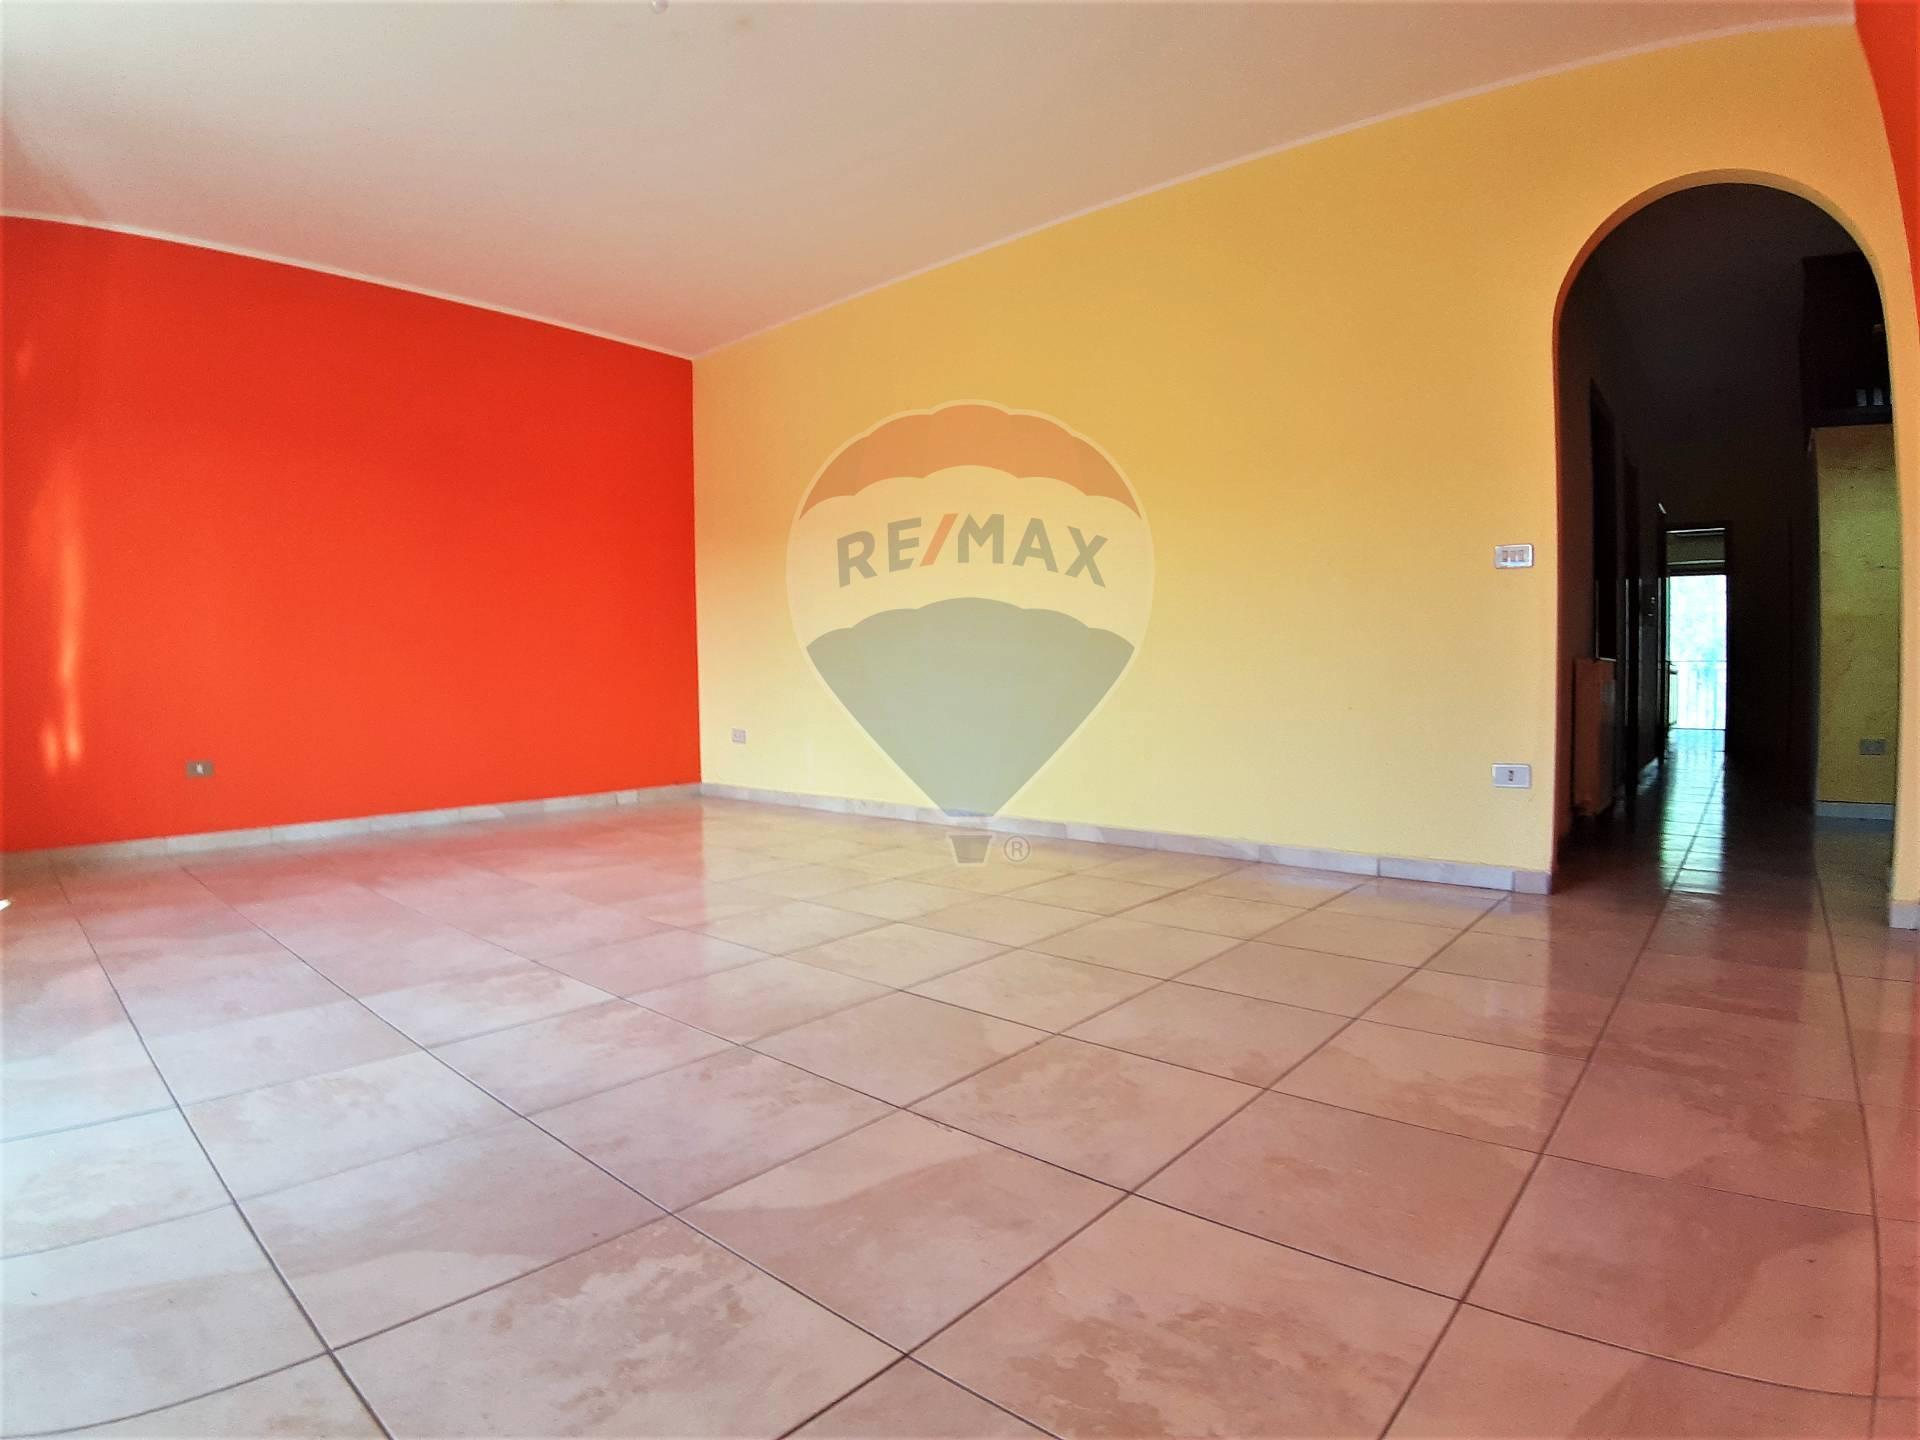 Appartamento in vendita a Gaggi, 4 locali, prezzo € 65.000 | CambioCasa.it